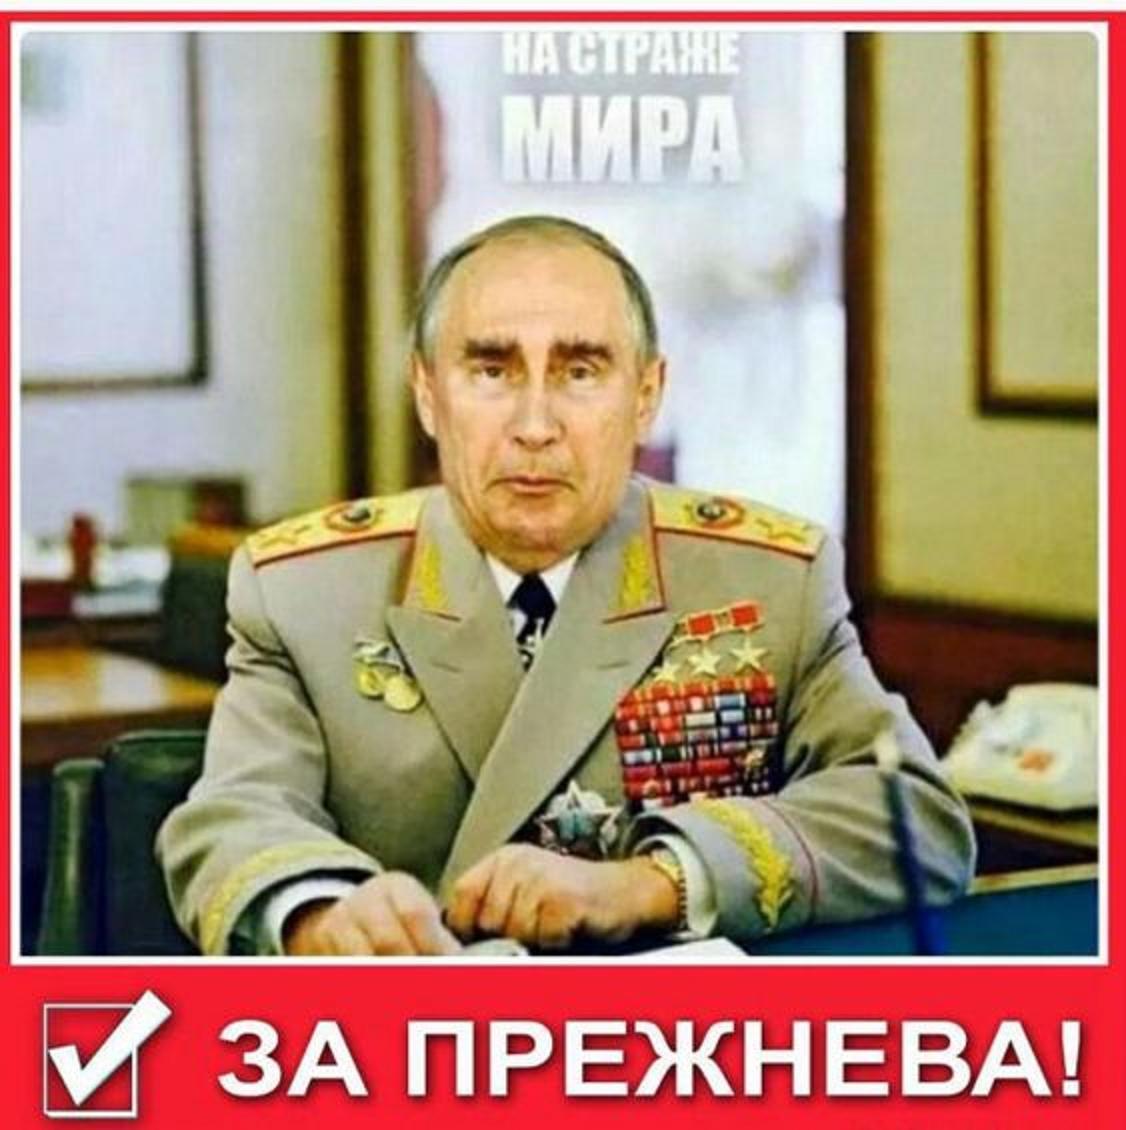 Путин — биография, фото, семья, личная жизнь